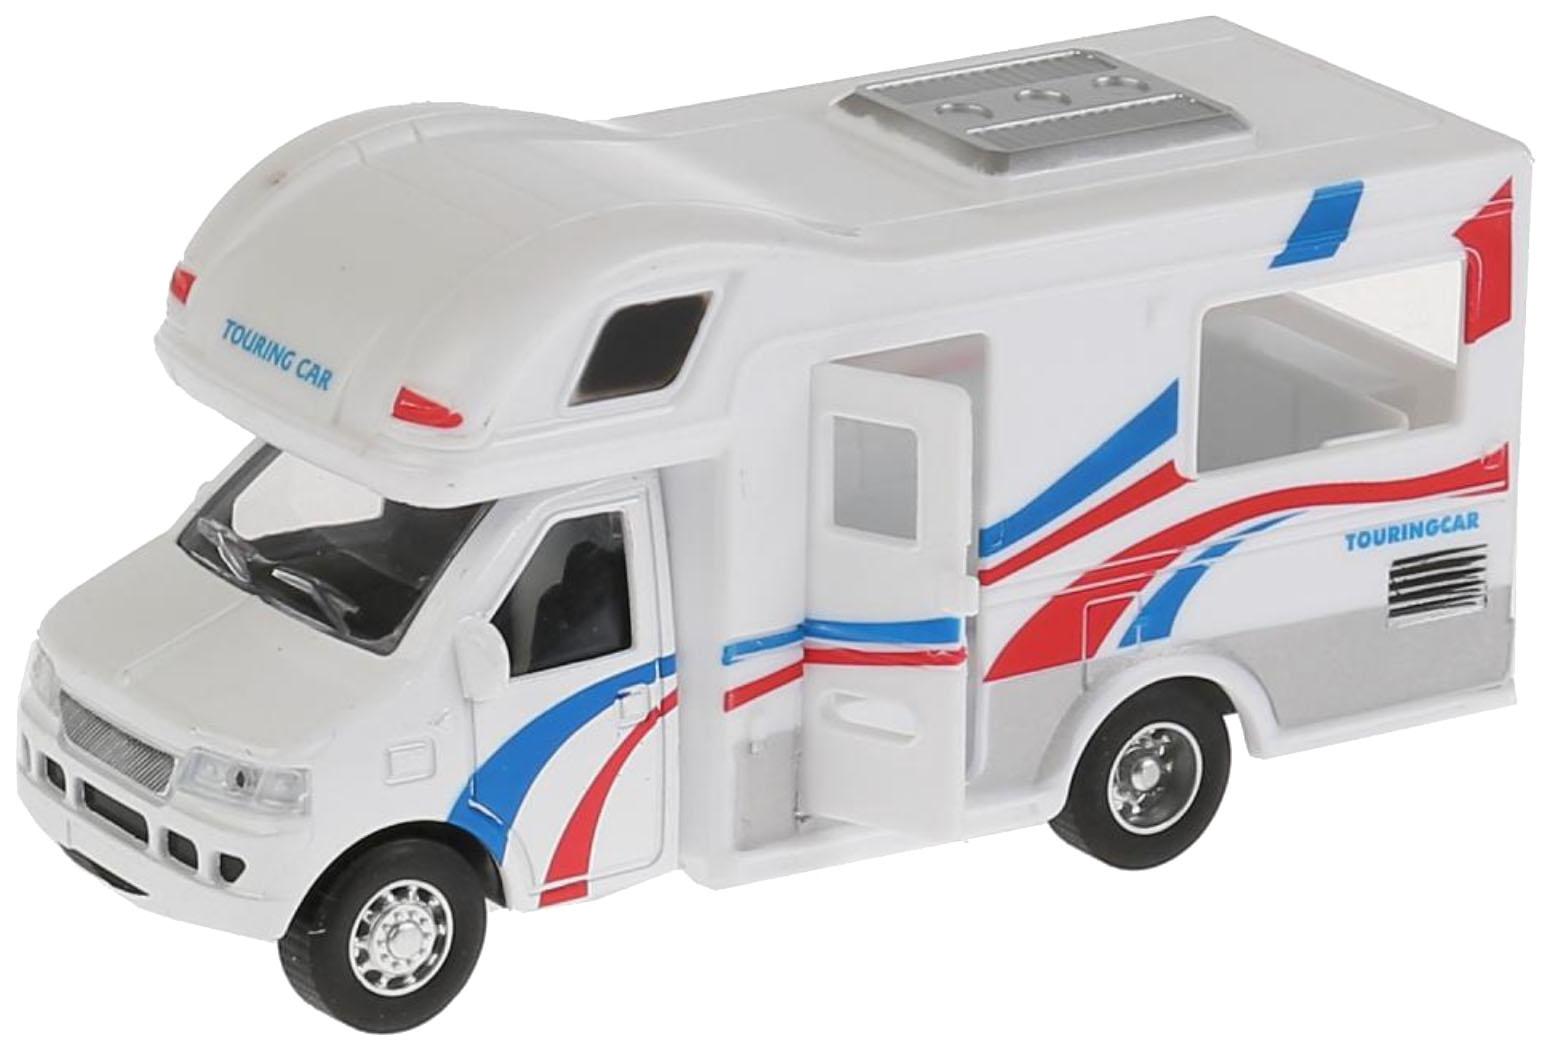 Купить Машина инерционная Дом на колесах 12, 5 см, Технопарк, Коллекционные модели